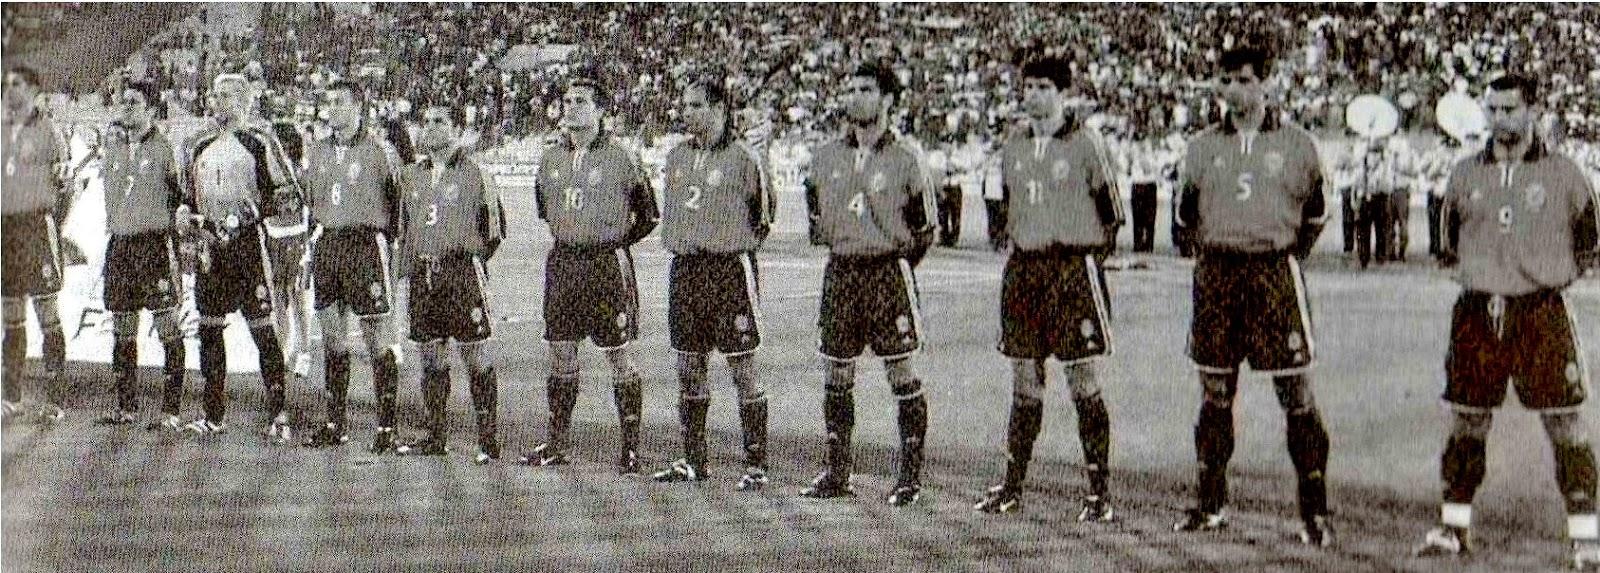 Hilo de la selección de España (selección española) Espa%25C3%25B1a%2B2001%2B06%2B06b